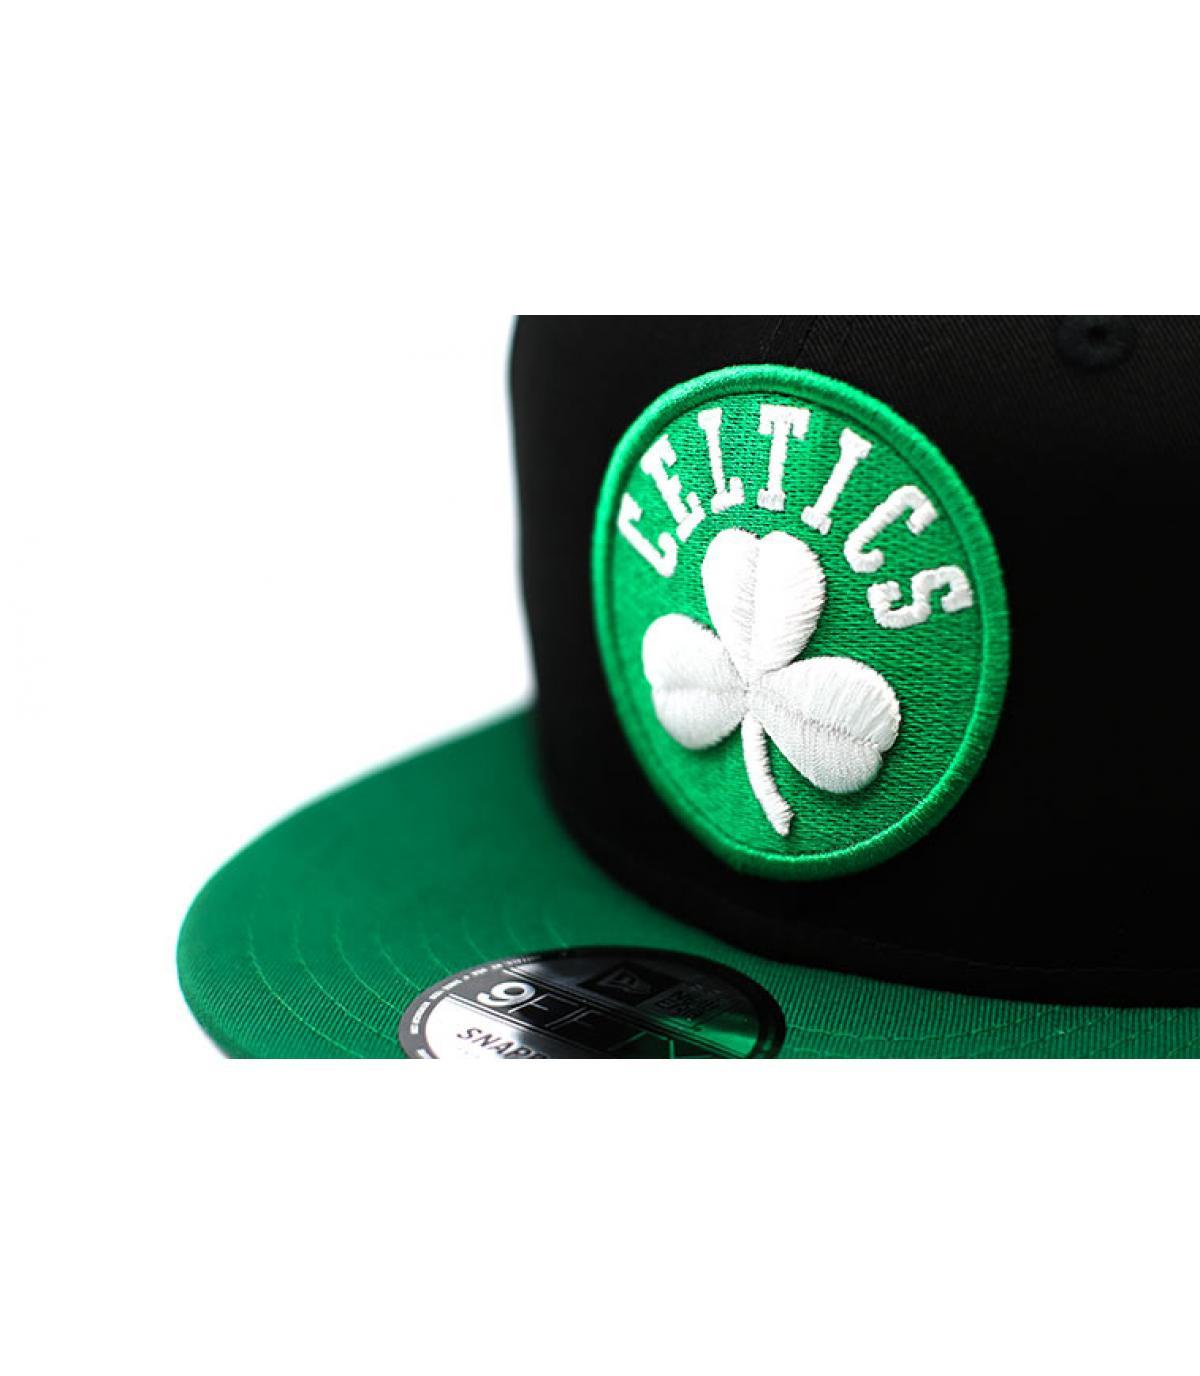 Détails Snapback Contrast Team Celtics 9Fifty - image 3